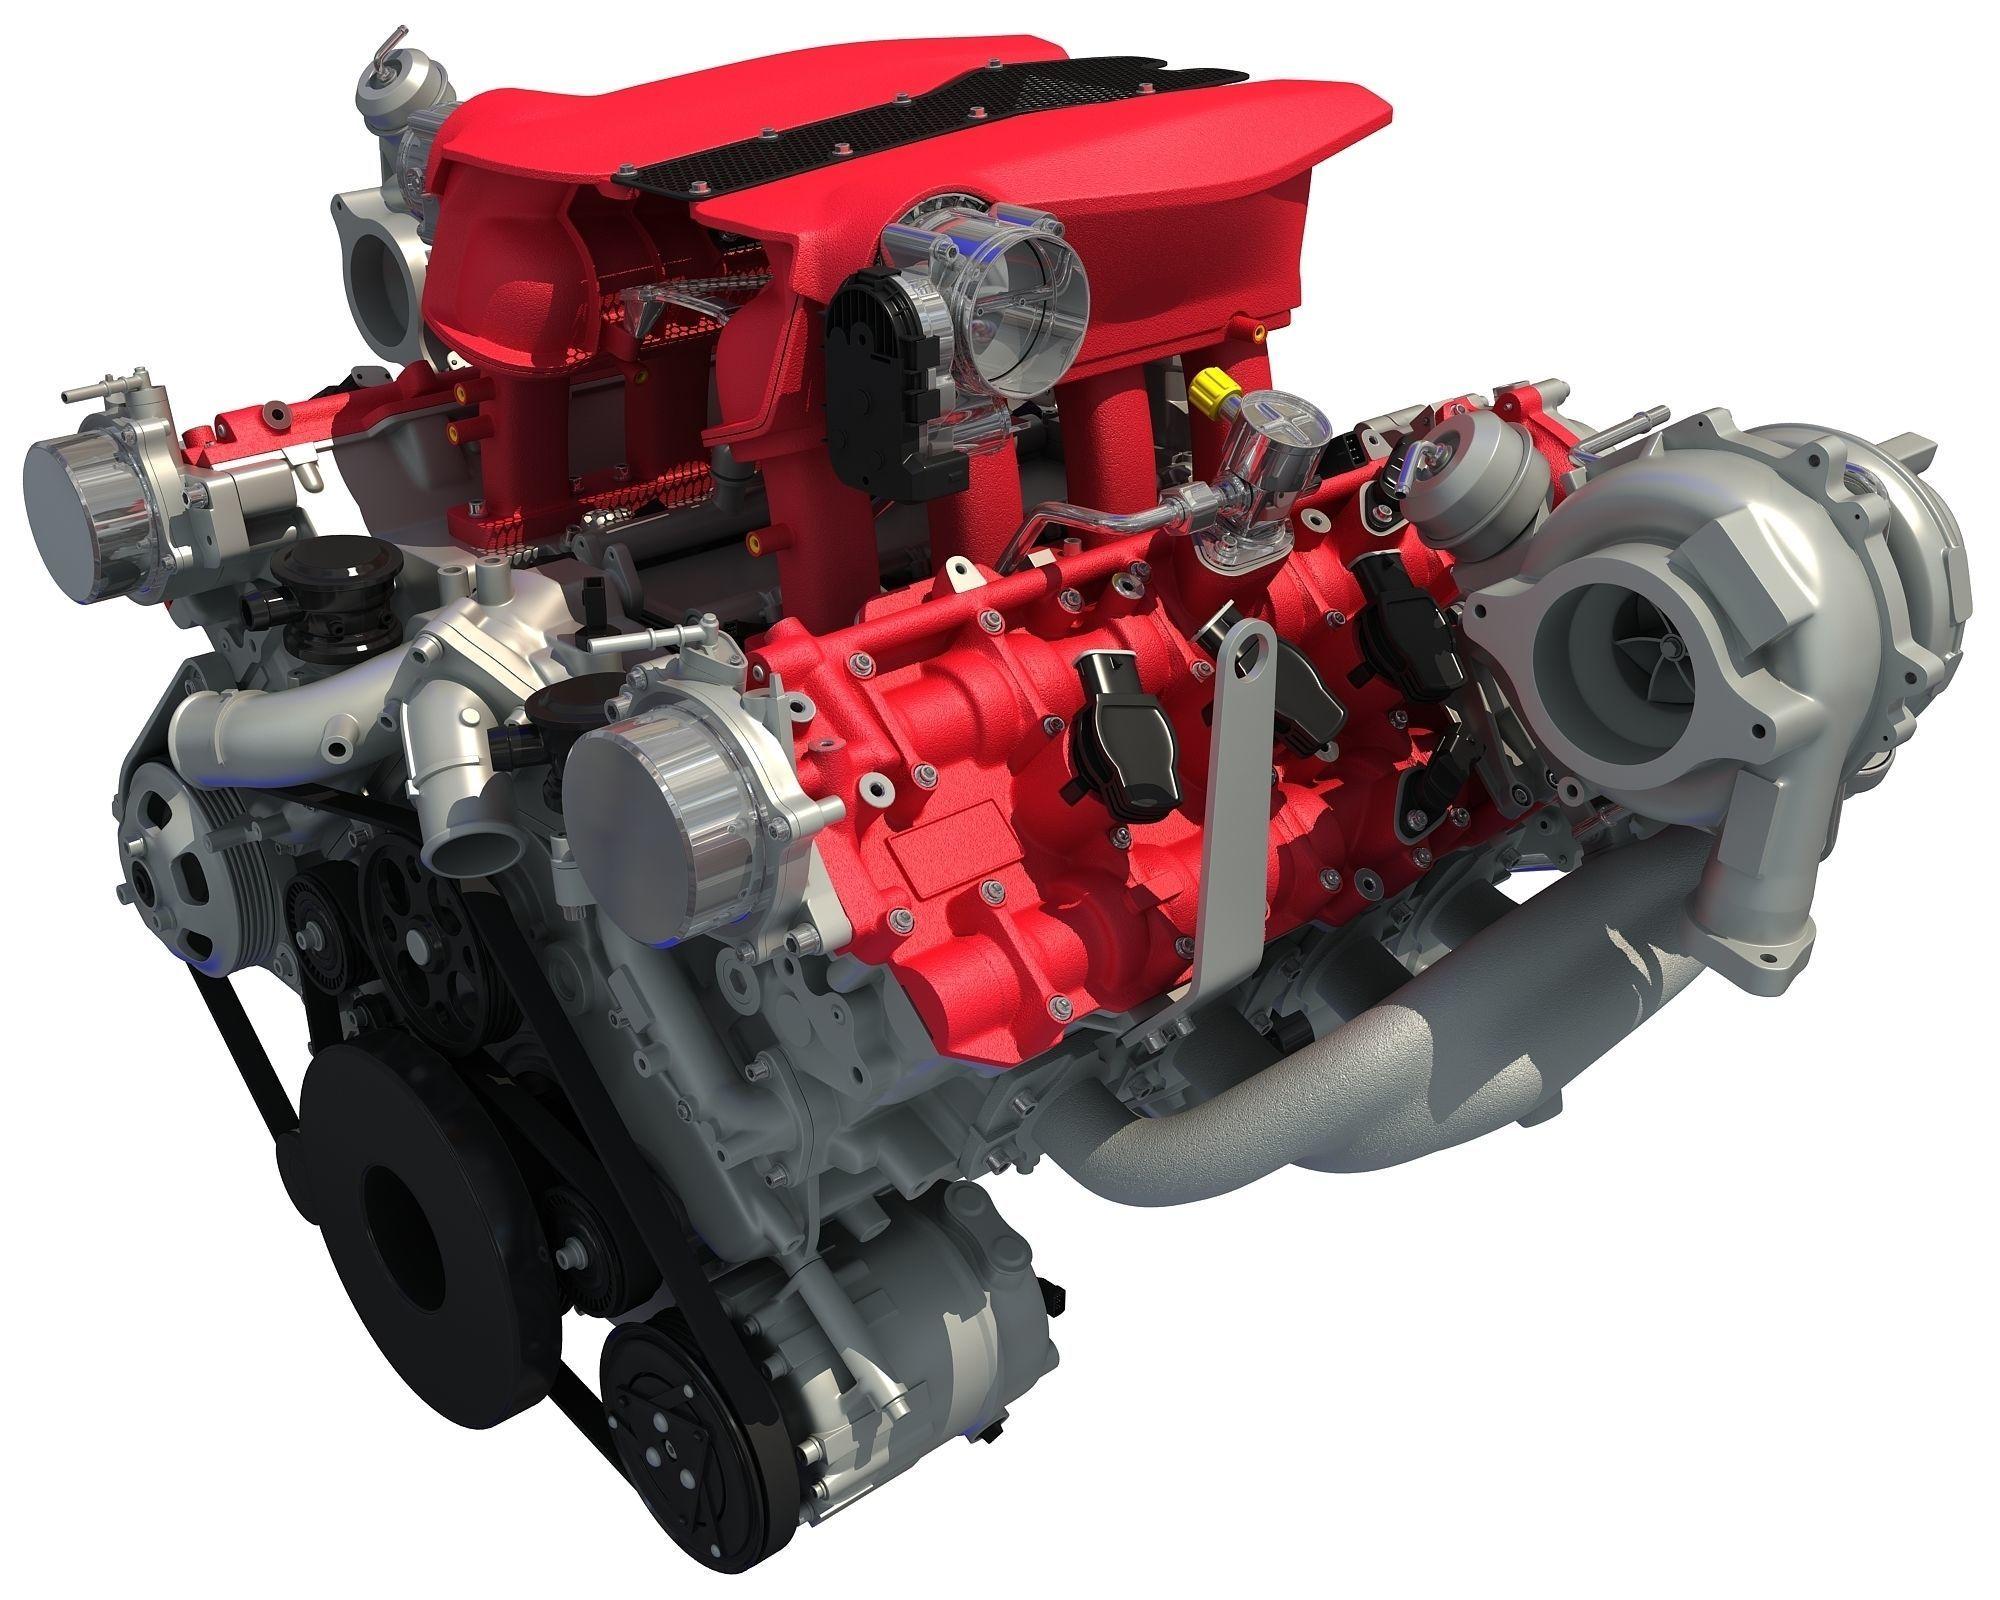 Turbocharged V8 Engine